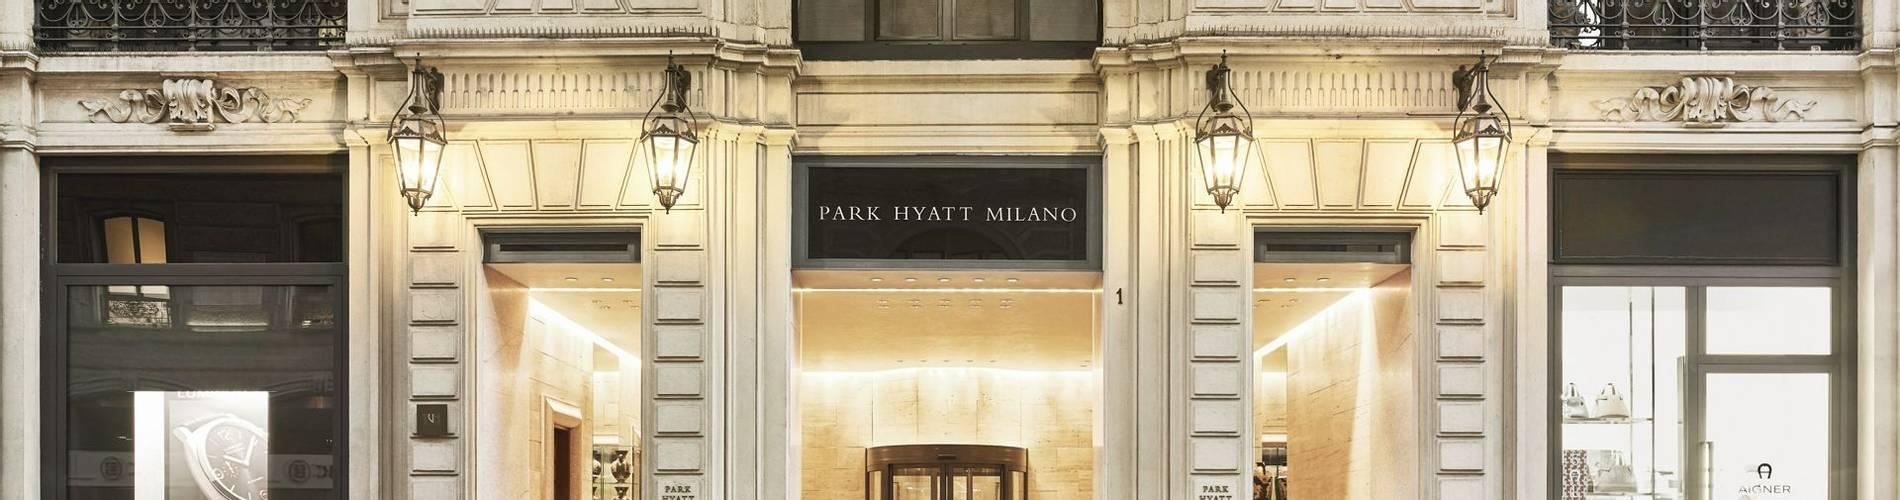 Park-Hyatt-Milan-Main-Entrance (1).jpg